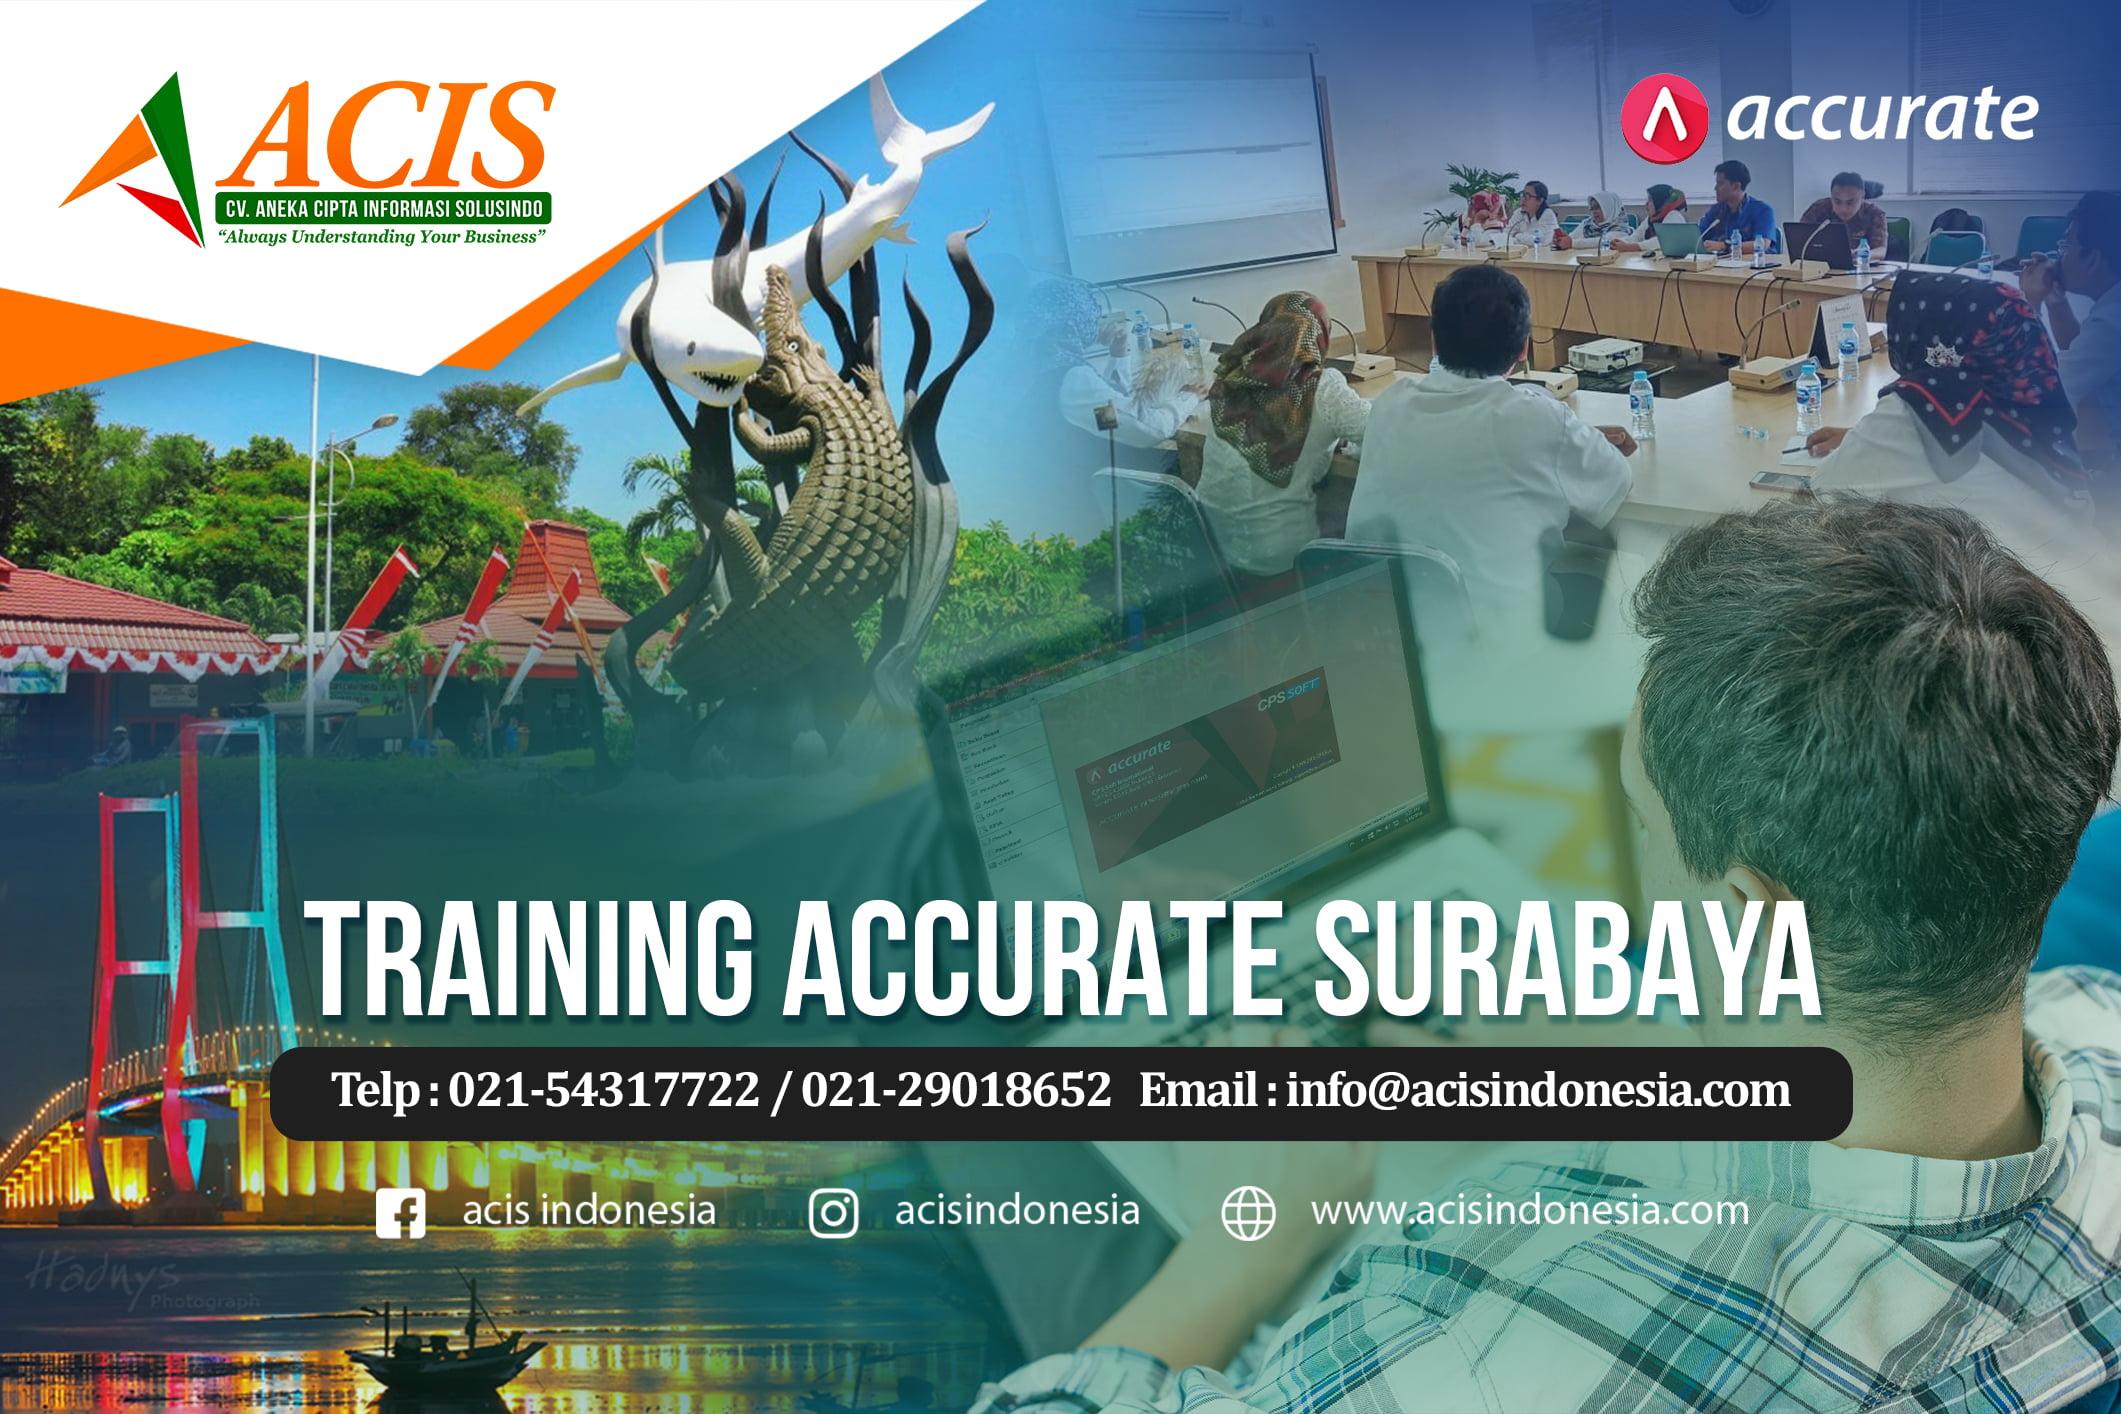 Training Accurate Surabaya